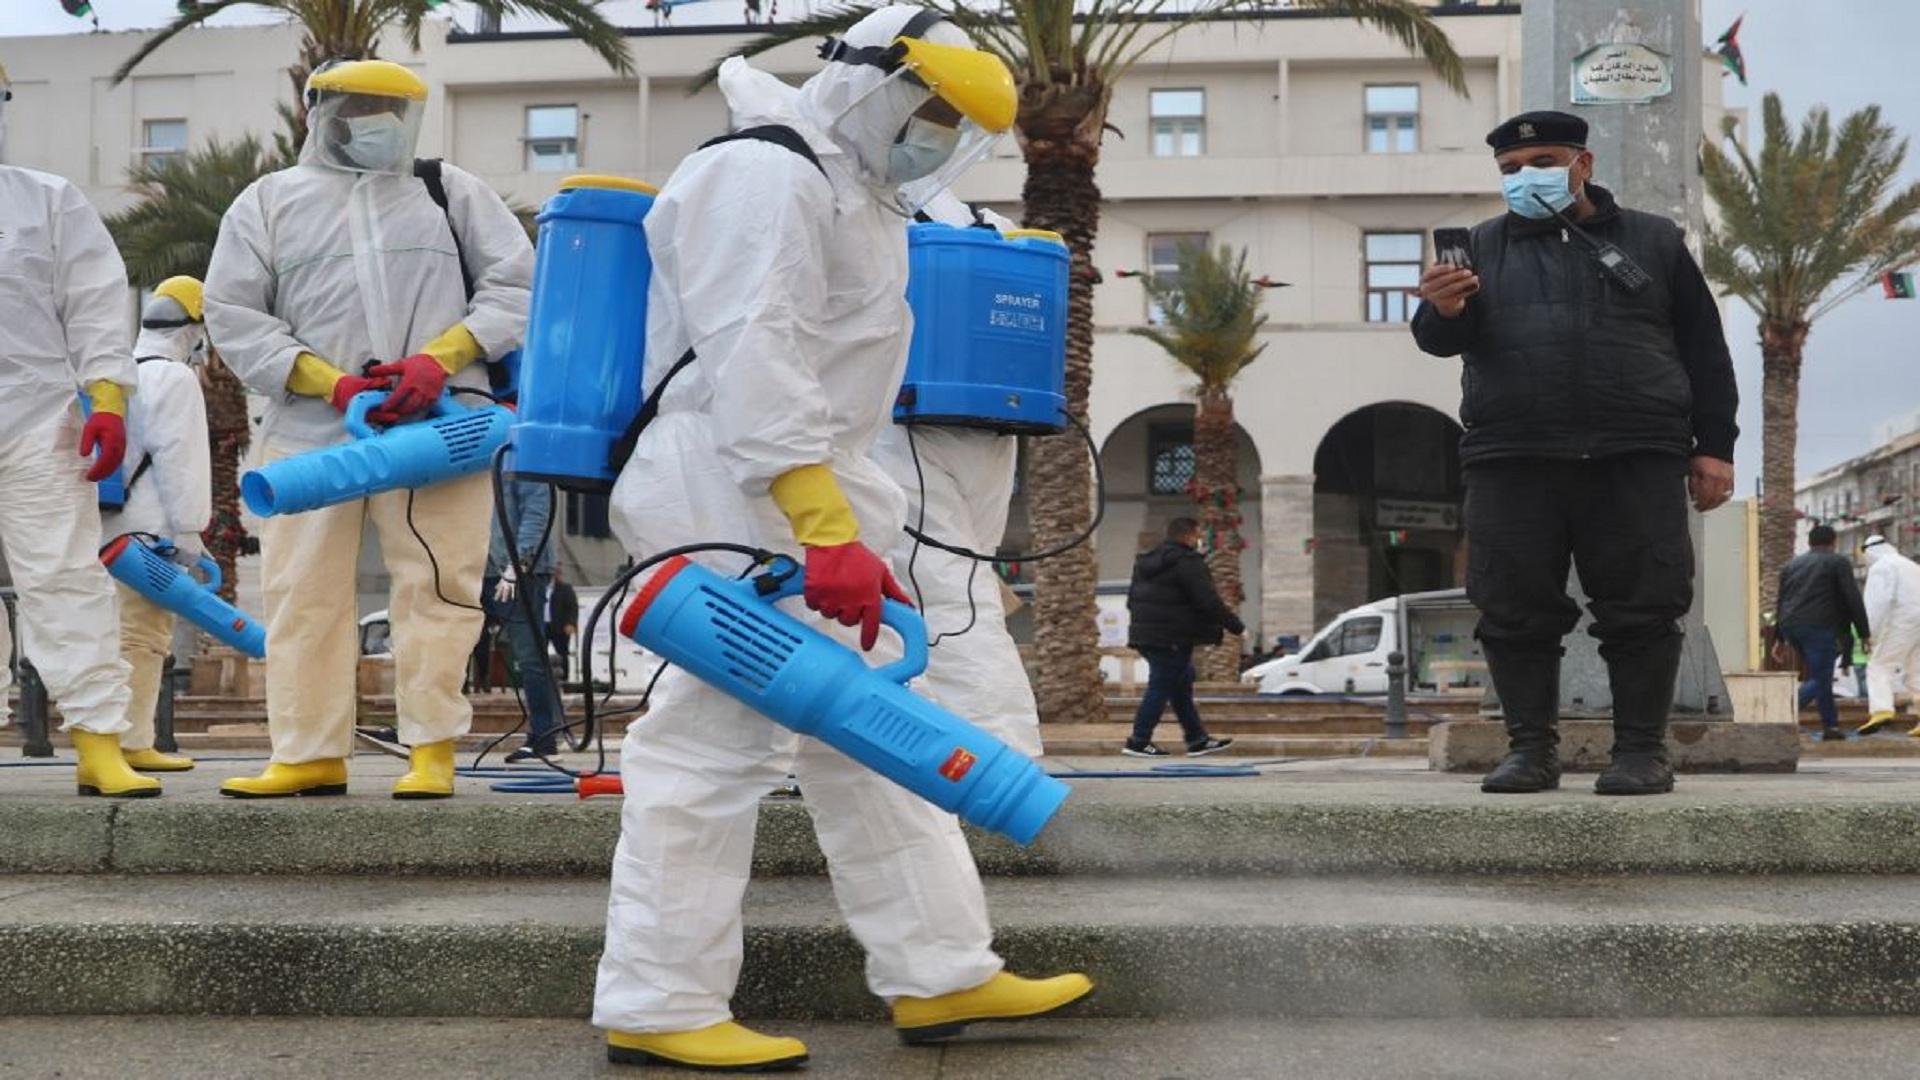 ليبيا: 6 وفيات و847 إصابة جديدة بفيروس كورونا